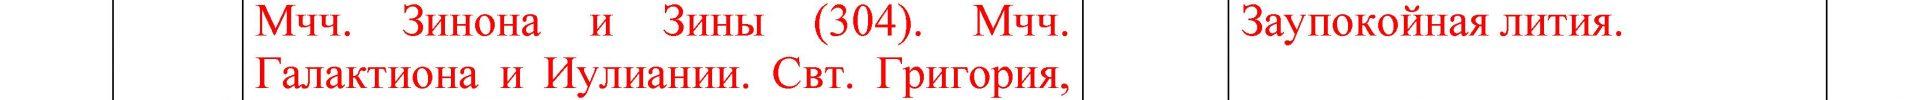 Расписание богослужений Преображенского храма деревни Спас-Каменка на июль 2020 года